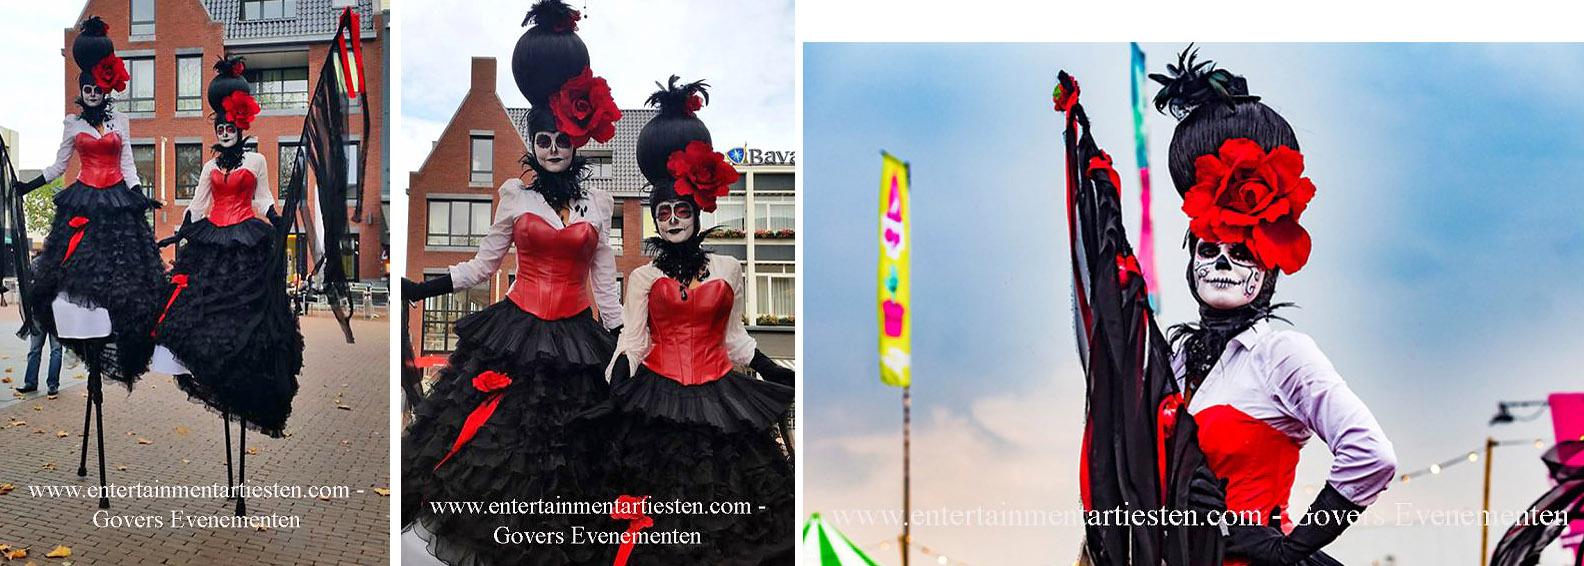 Halloween steltenact, steltenlopers, steltentheater, steltenloopster, act op stelten, straatheater, thema Halloween-act artiesten Govers Evenementen, www.goversartiesten.nl